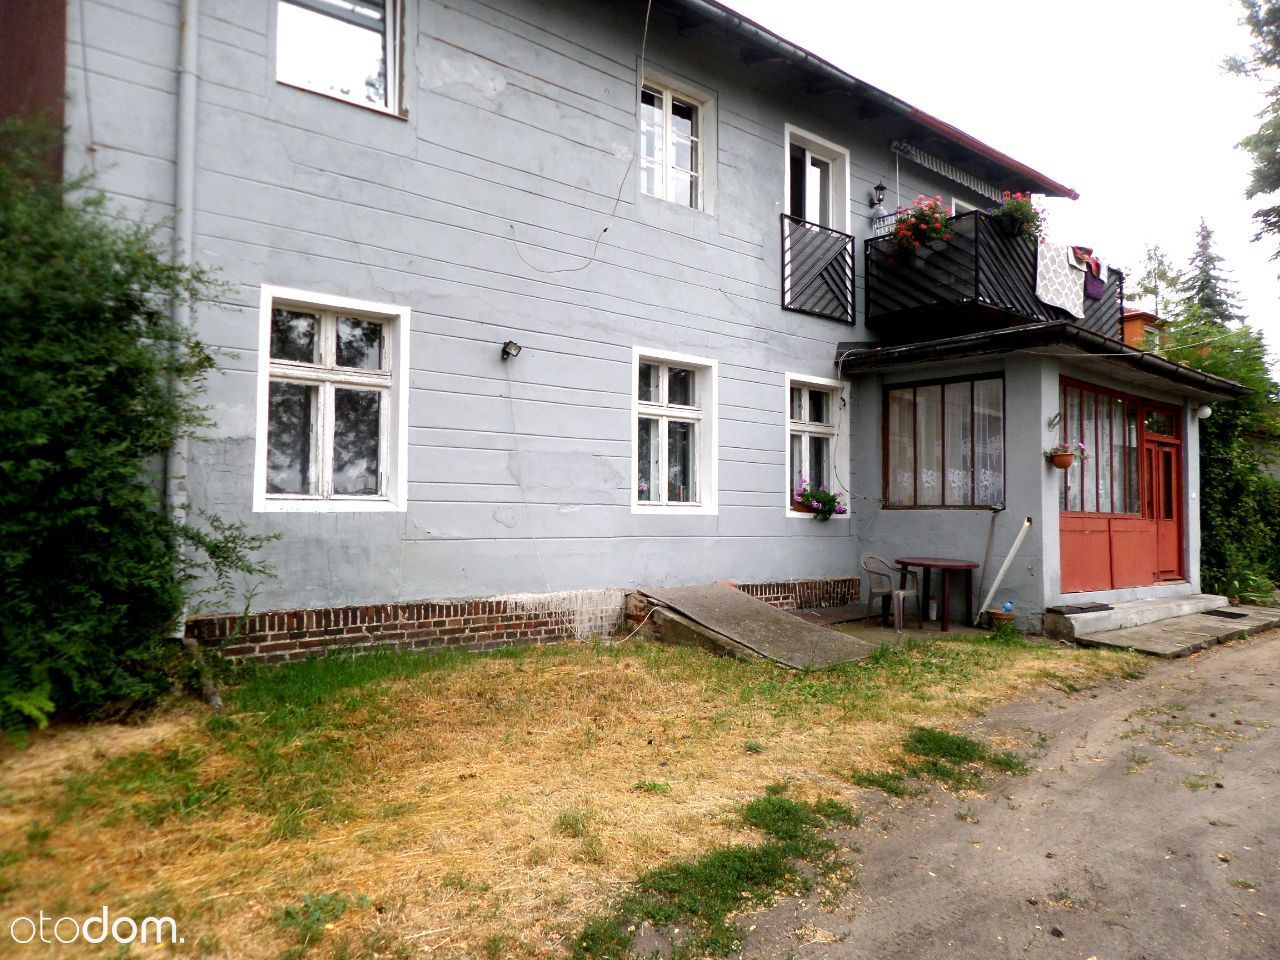 Mieszkanie w domu czterorodzinnym +1252 m2 działki